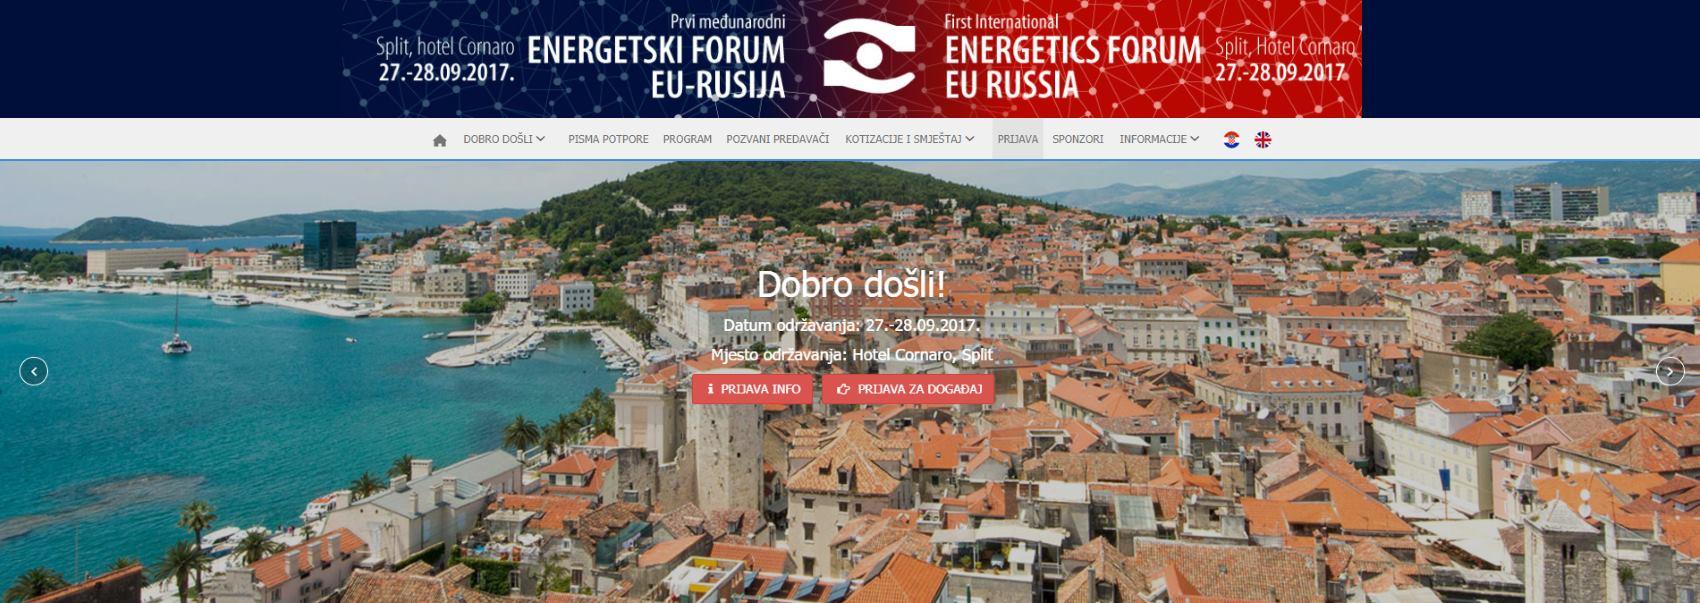 Prvi međunarodni 'Energetski forum EU-Rusija' održava se 28. rujna u Splitu